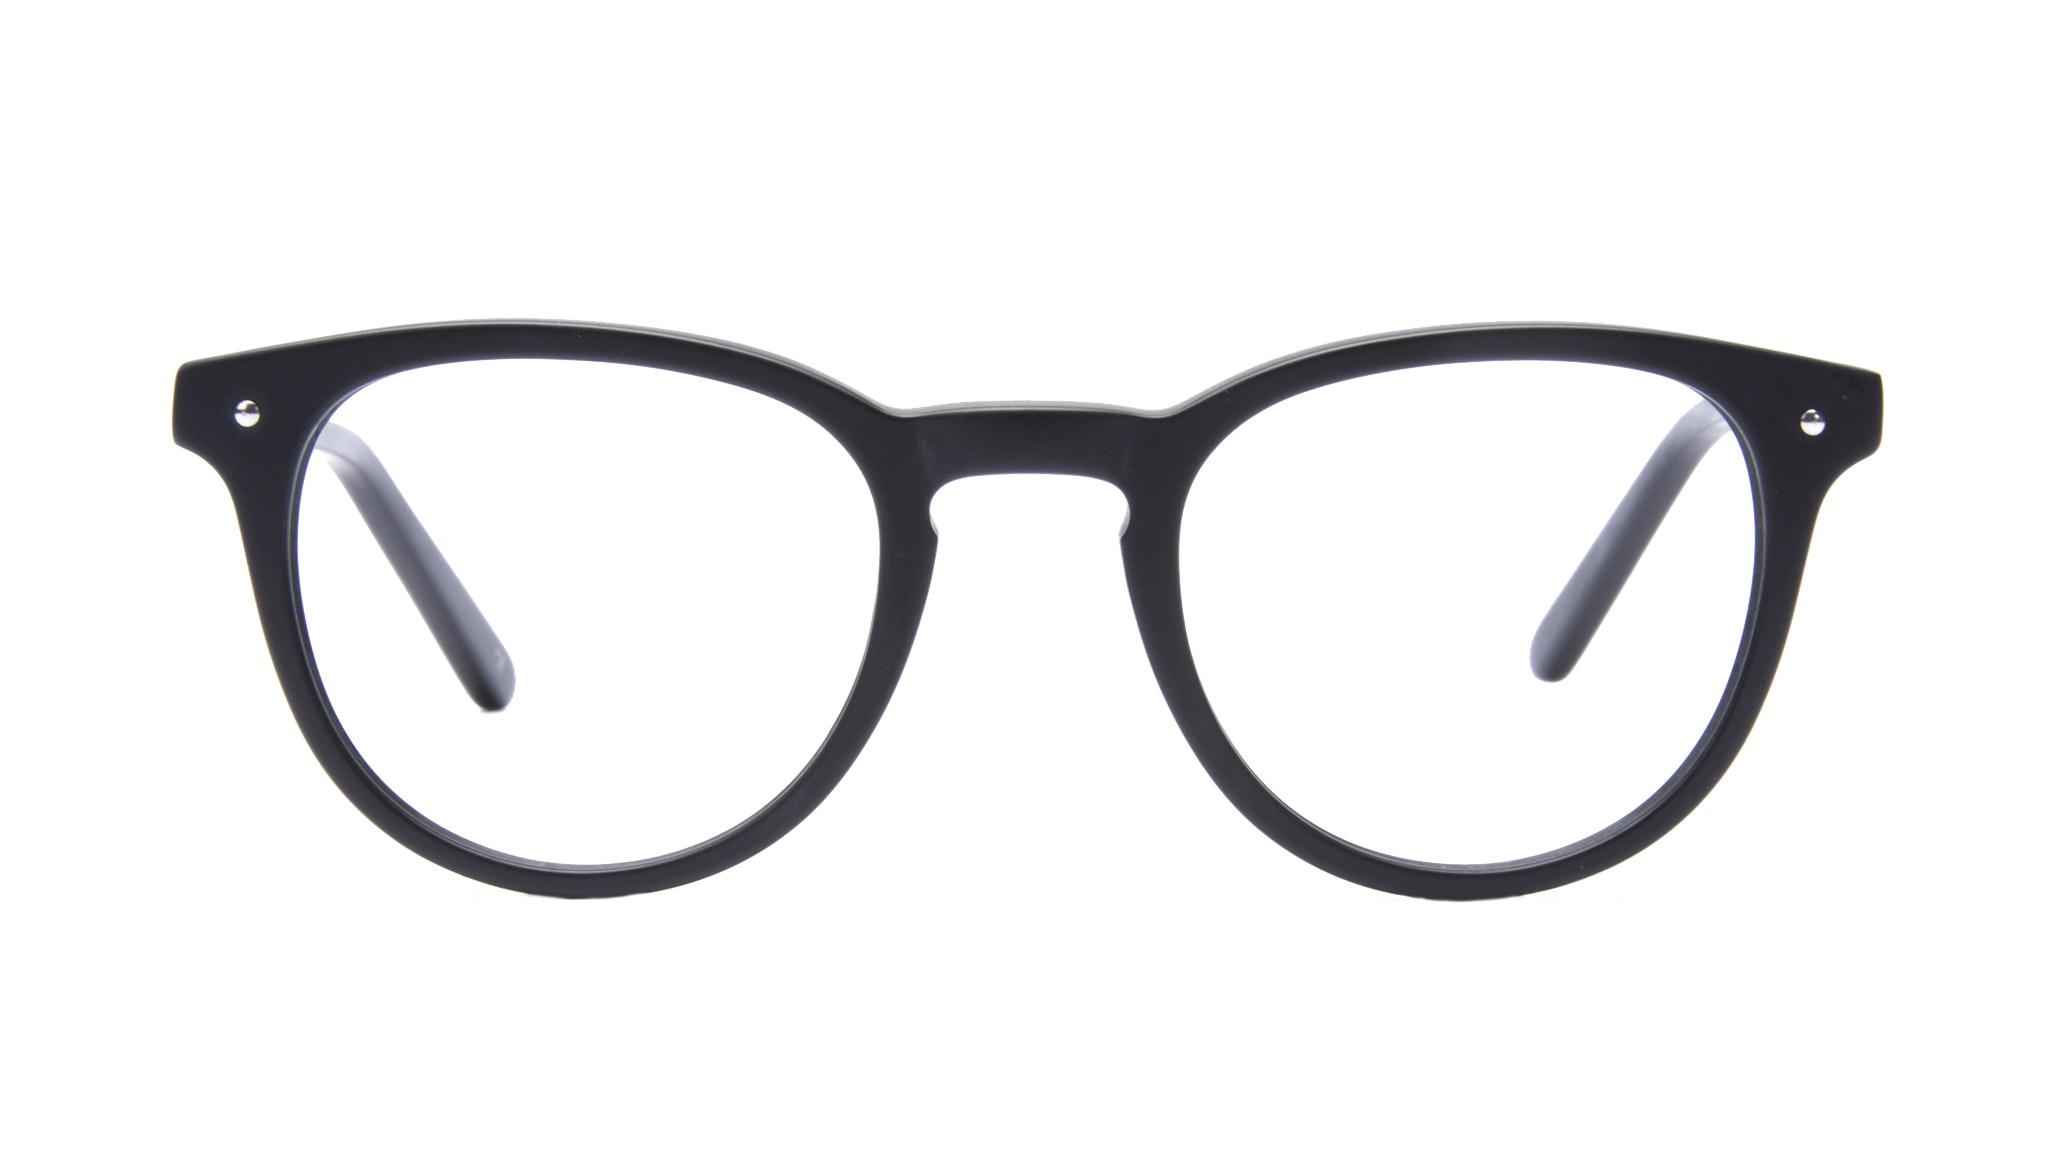 Affordable Fashion Glasses Round Eyeglasses Men Cult Matte Black Front